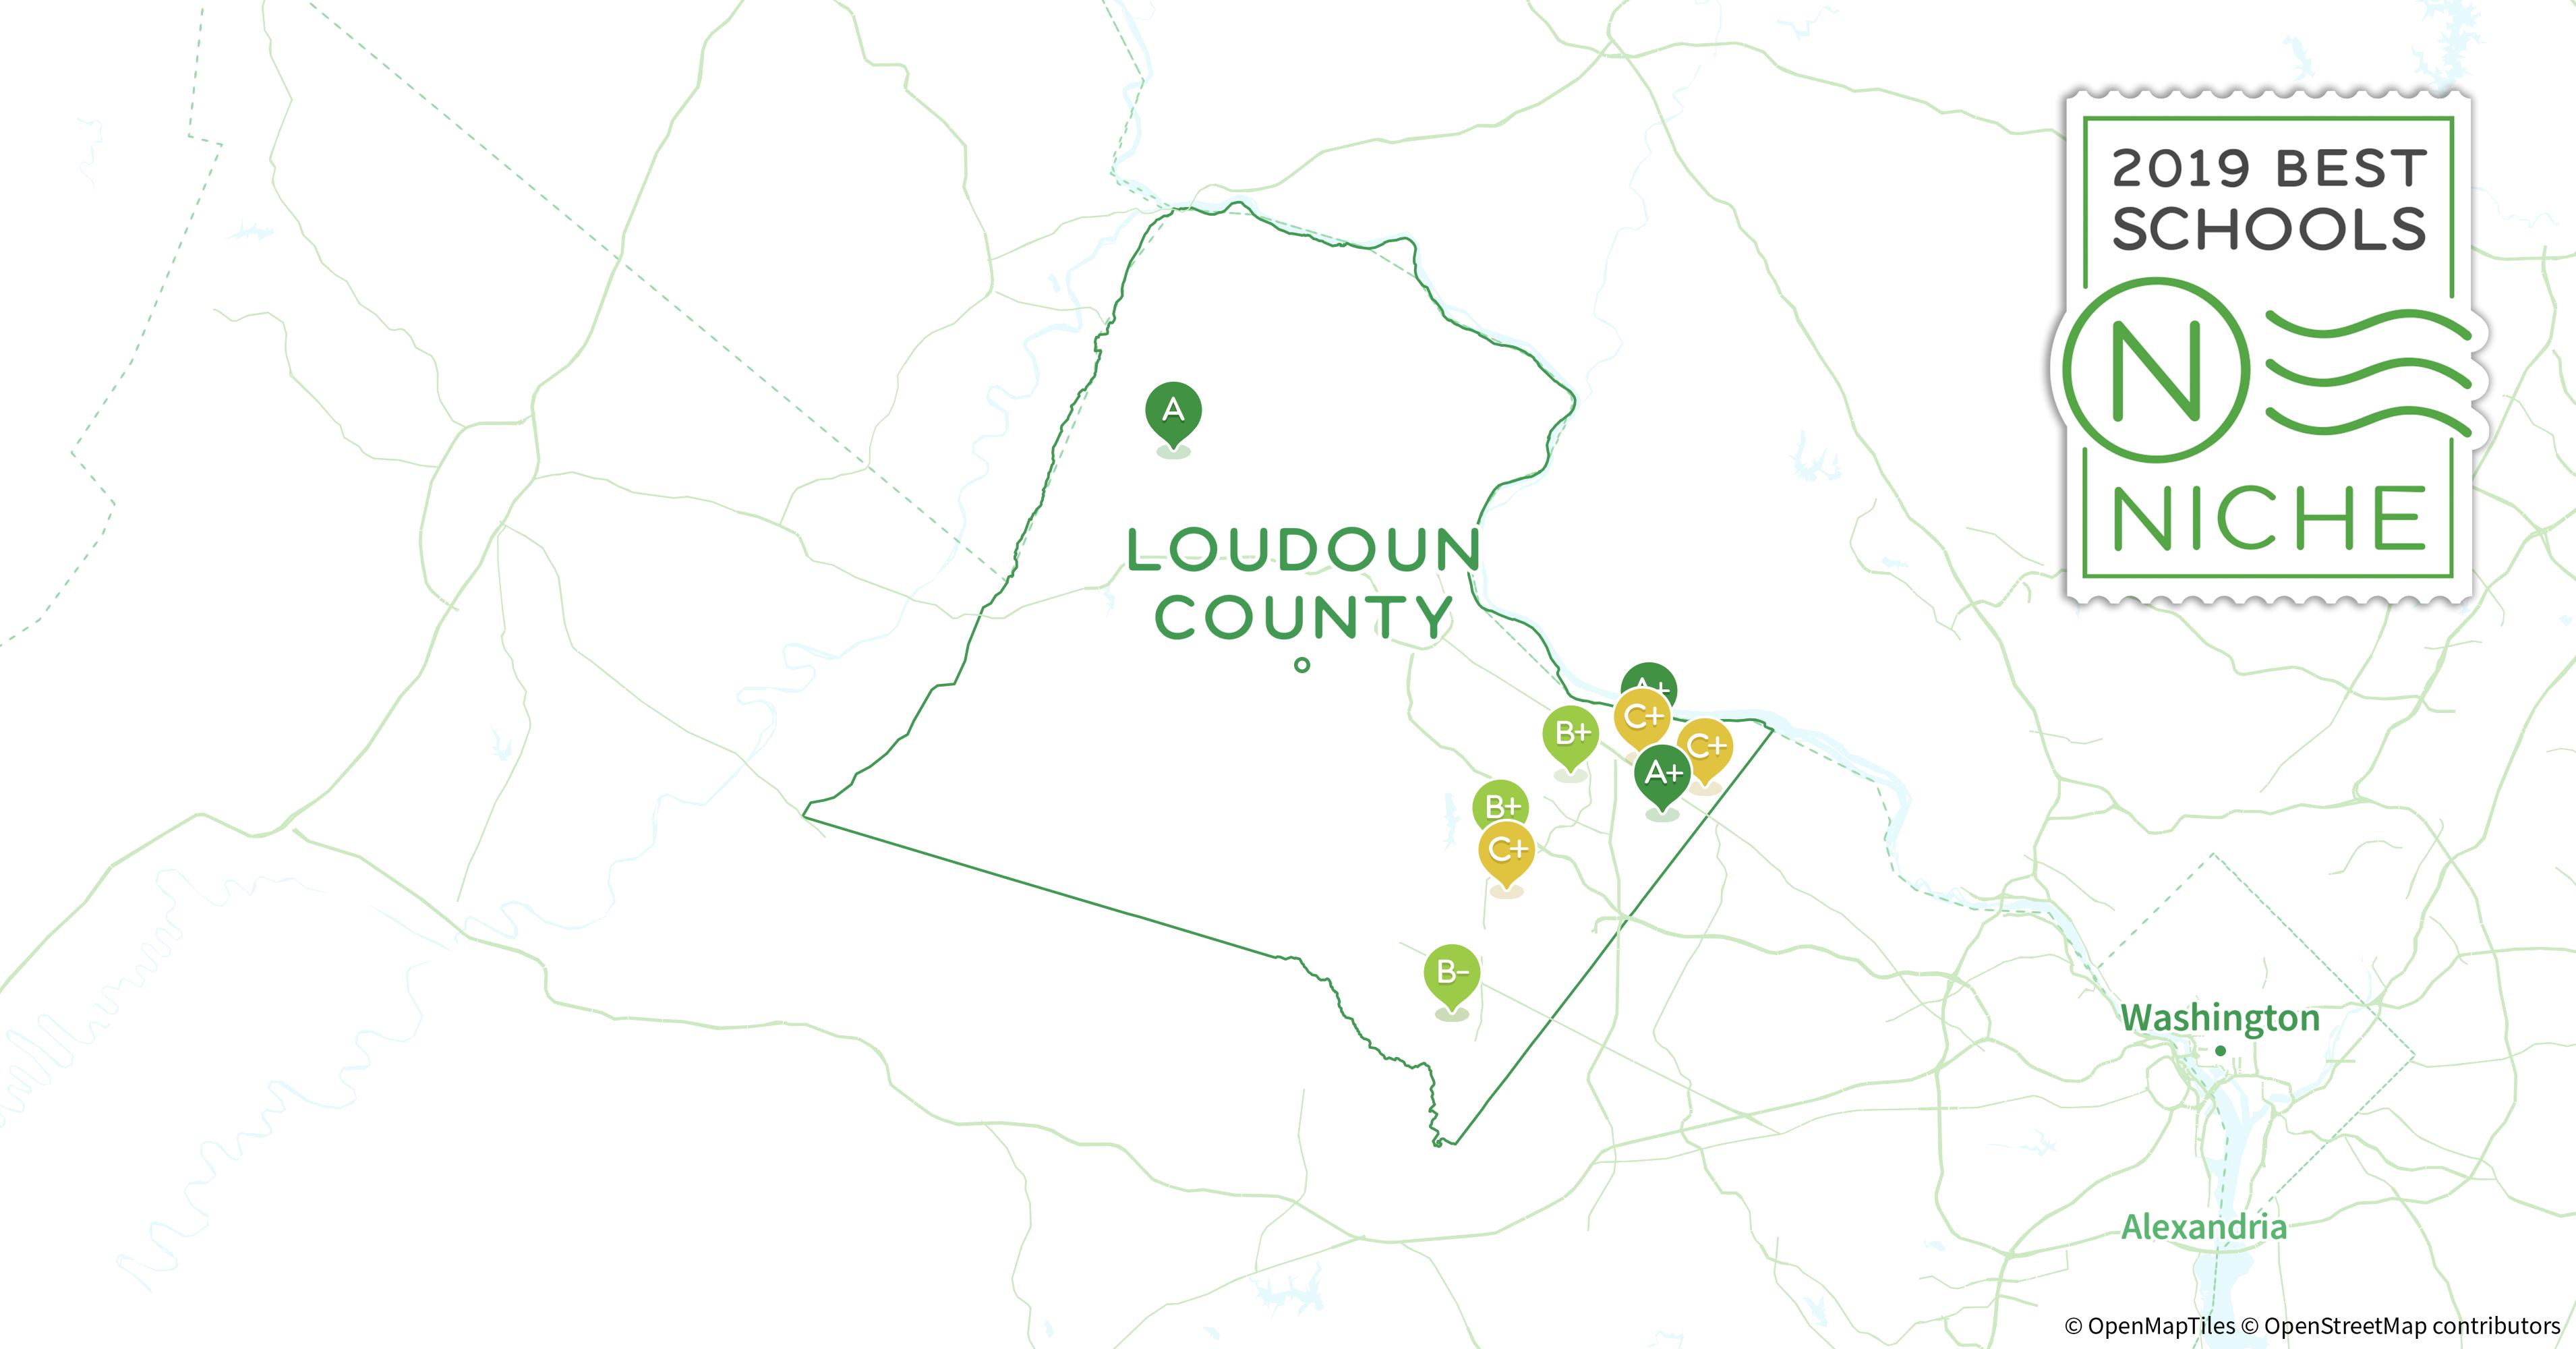 2019 Best High Schools In Loudoun County Va Niche